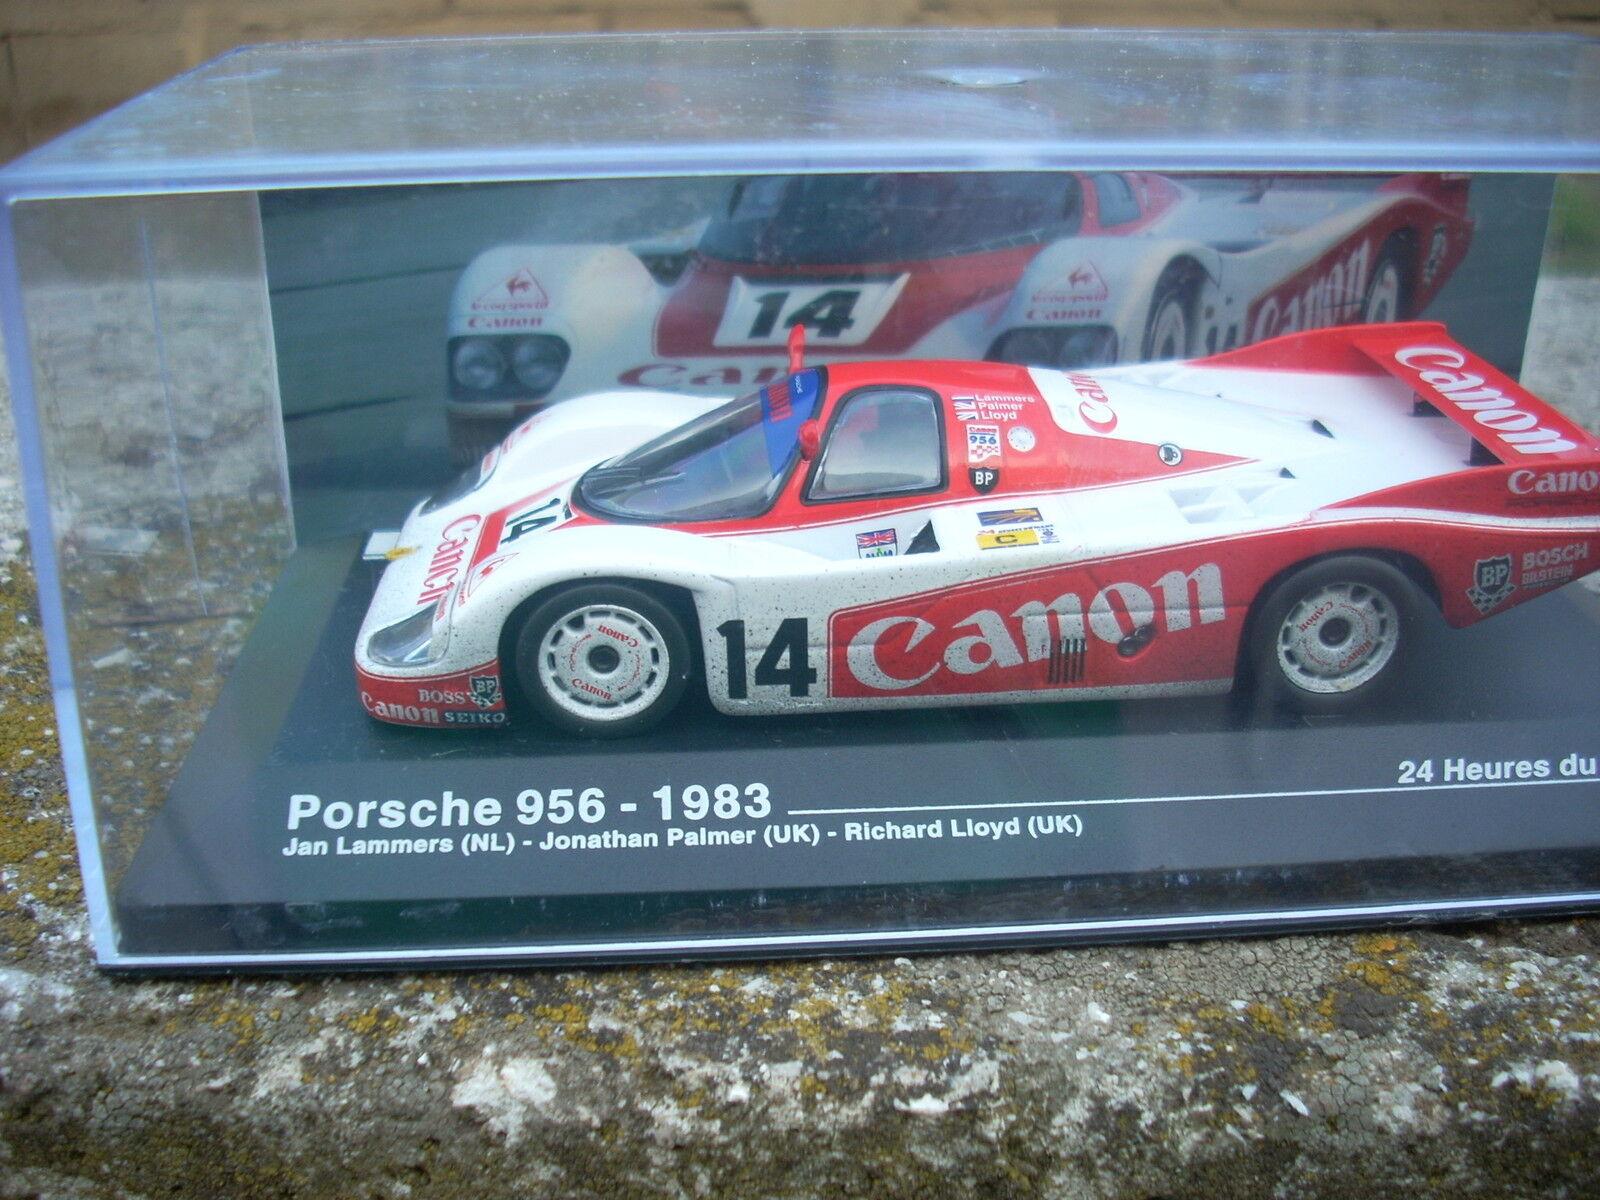 LE MANS PORSCHE 956 1983 LAMMERS PALMER PALMER PALMER LLOYD ESCALA 1\43  el mas reciente